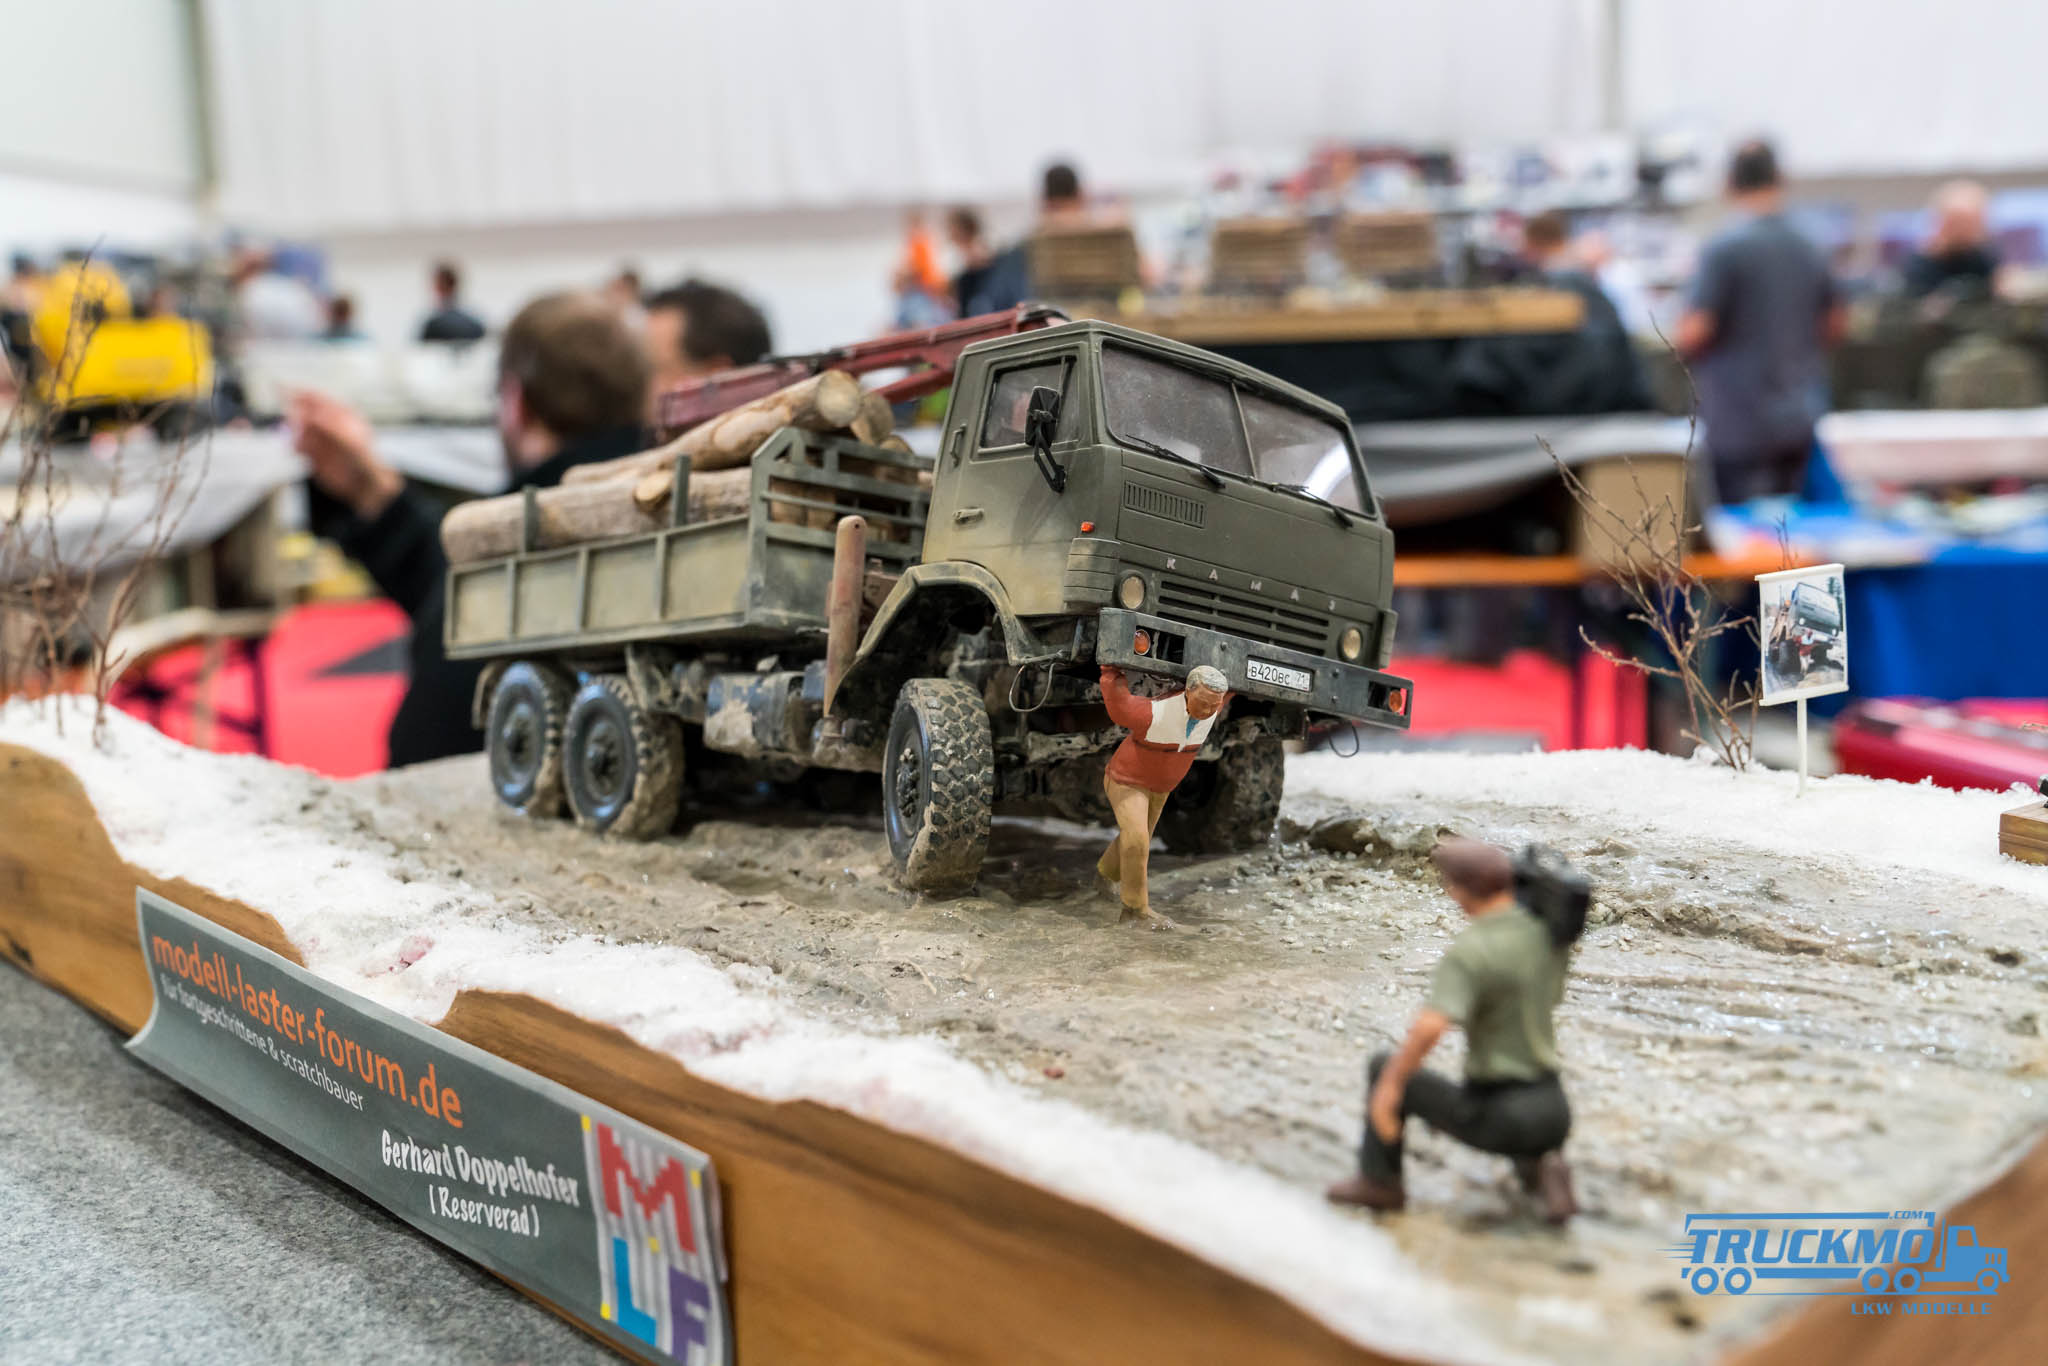 Truckmo_Modellbau_Ried_2017_Herpa_Messe_Modellbauausstellung (312 von 1177)